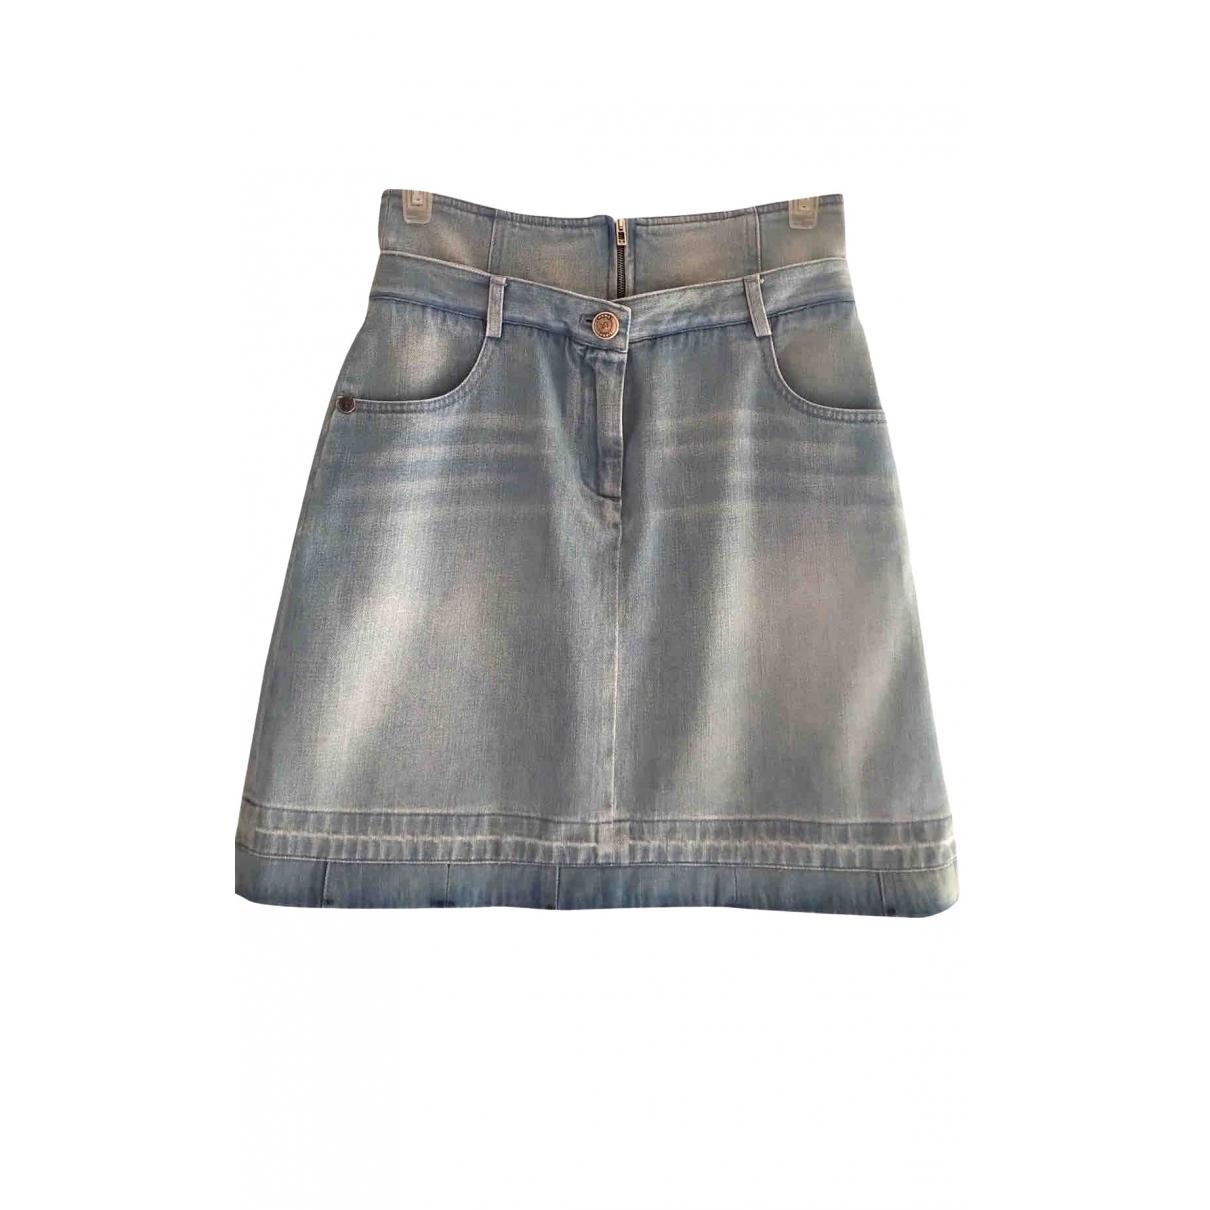 Chanel \N Blue Denim - Jeans skirt for Women 8 UK